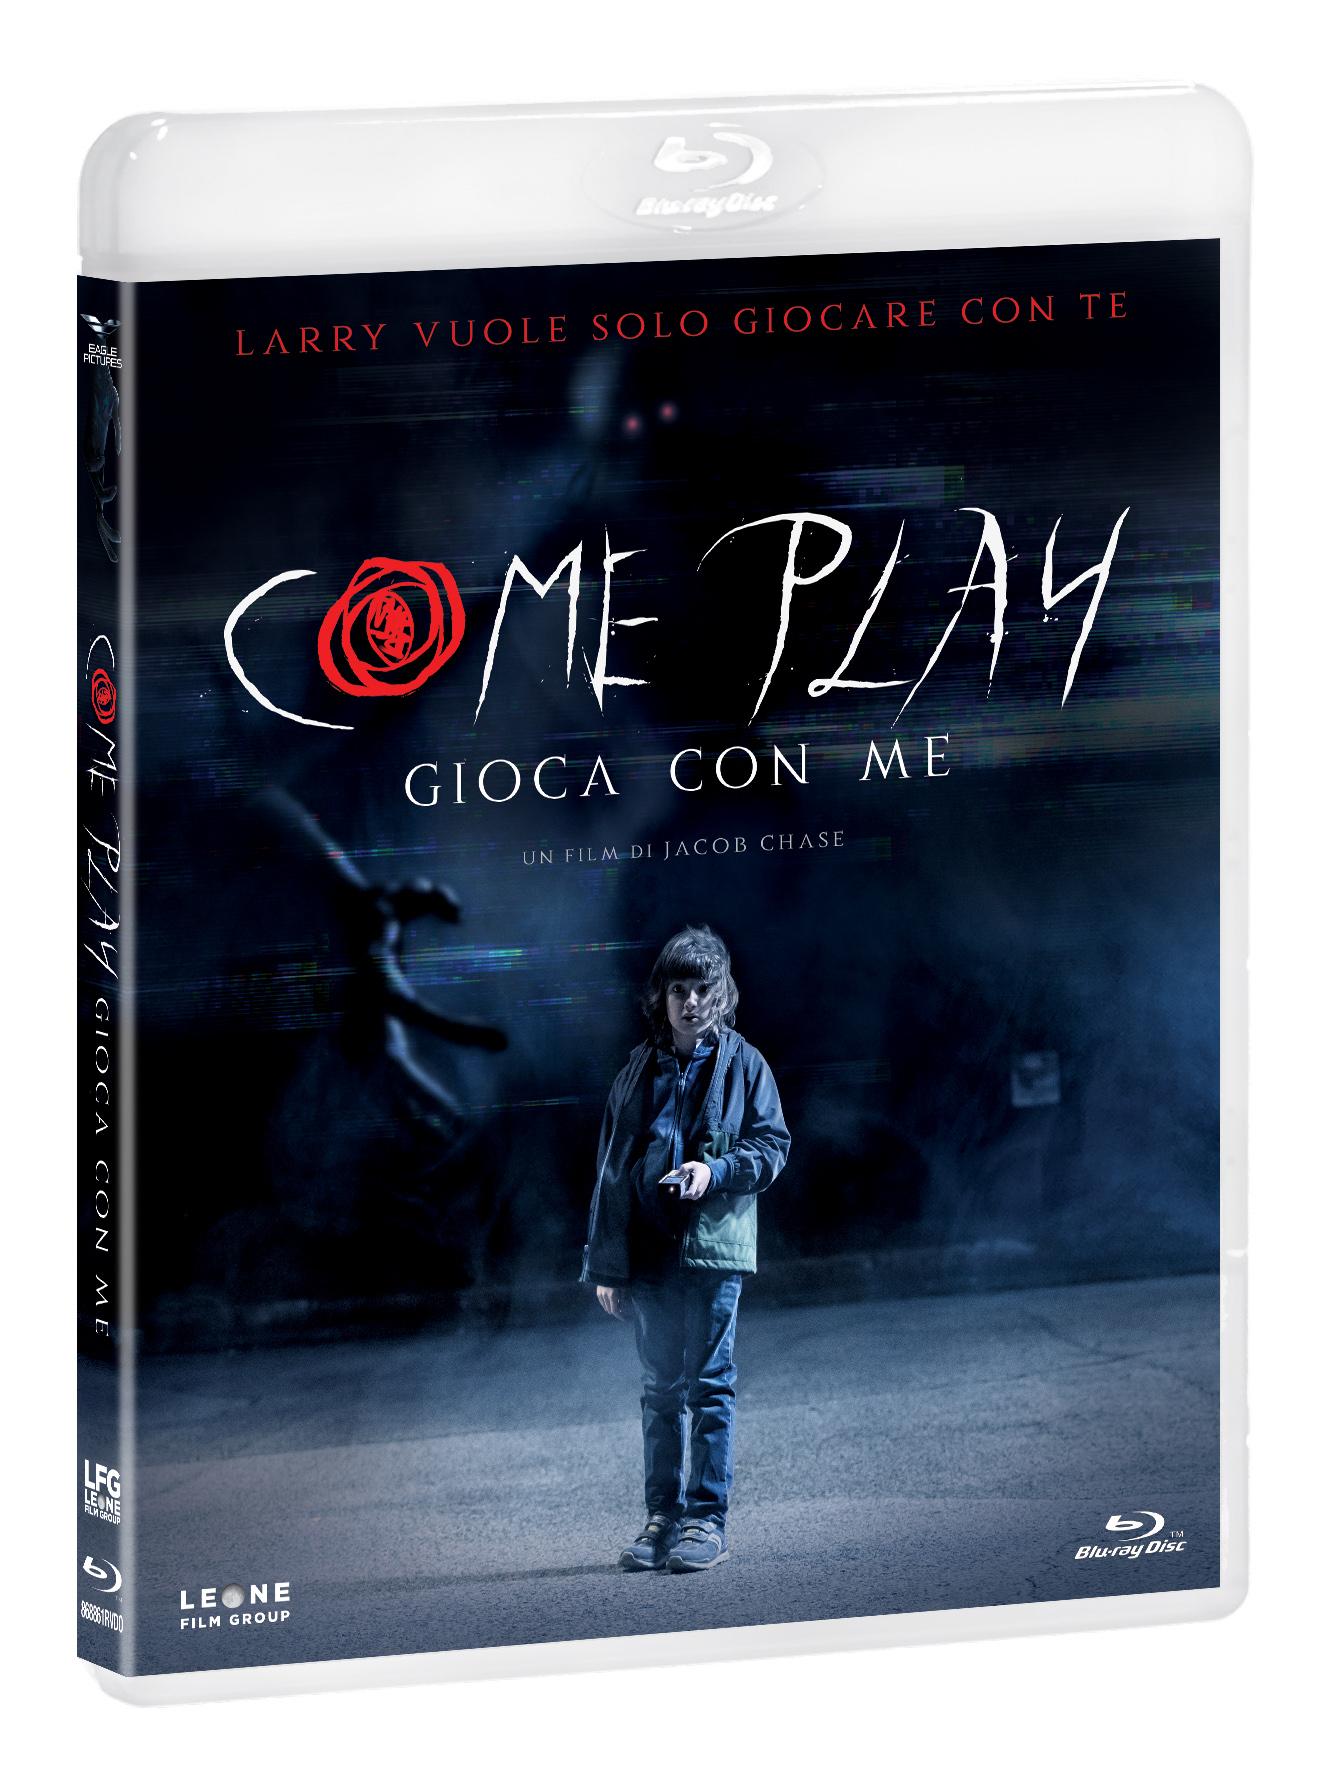 COME PLAY - GIOCA CON ME - BLU RAY